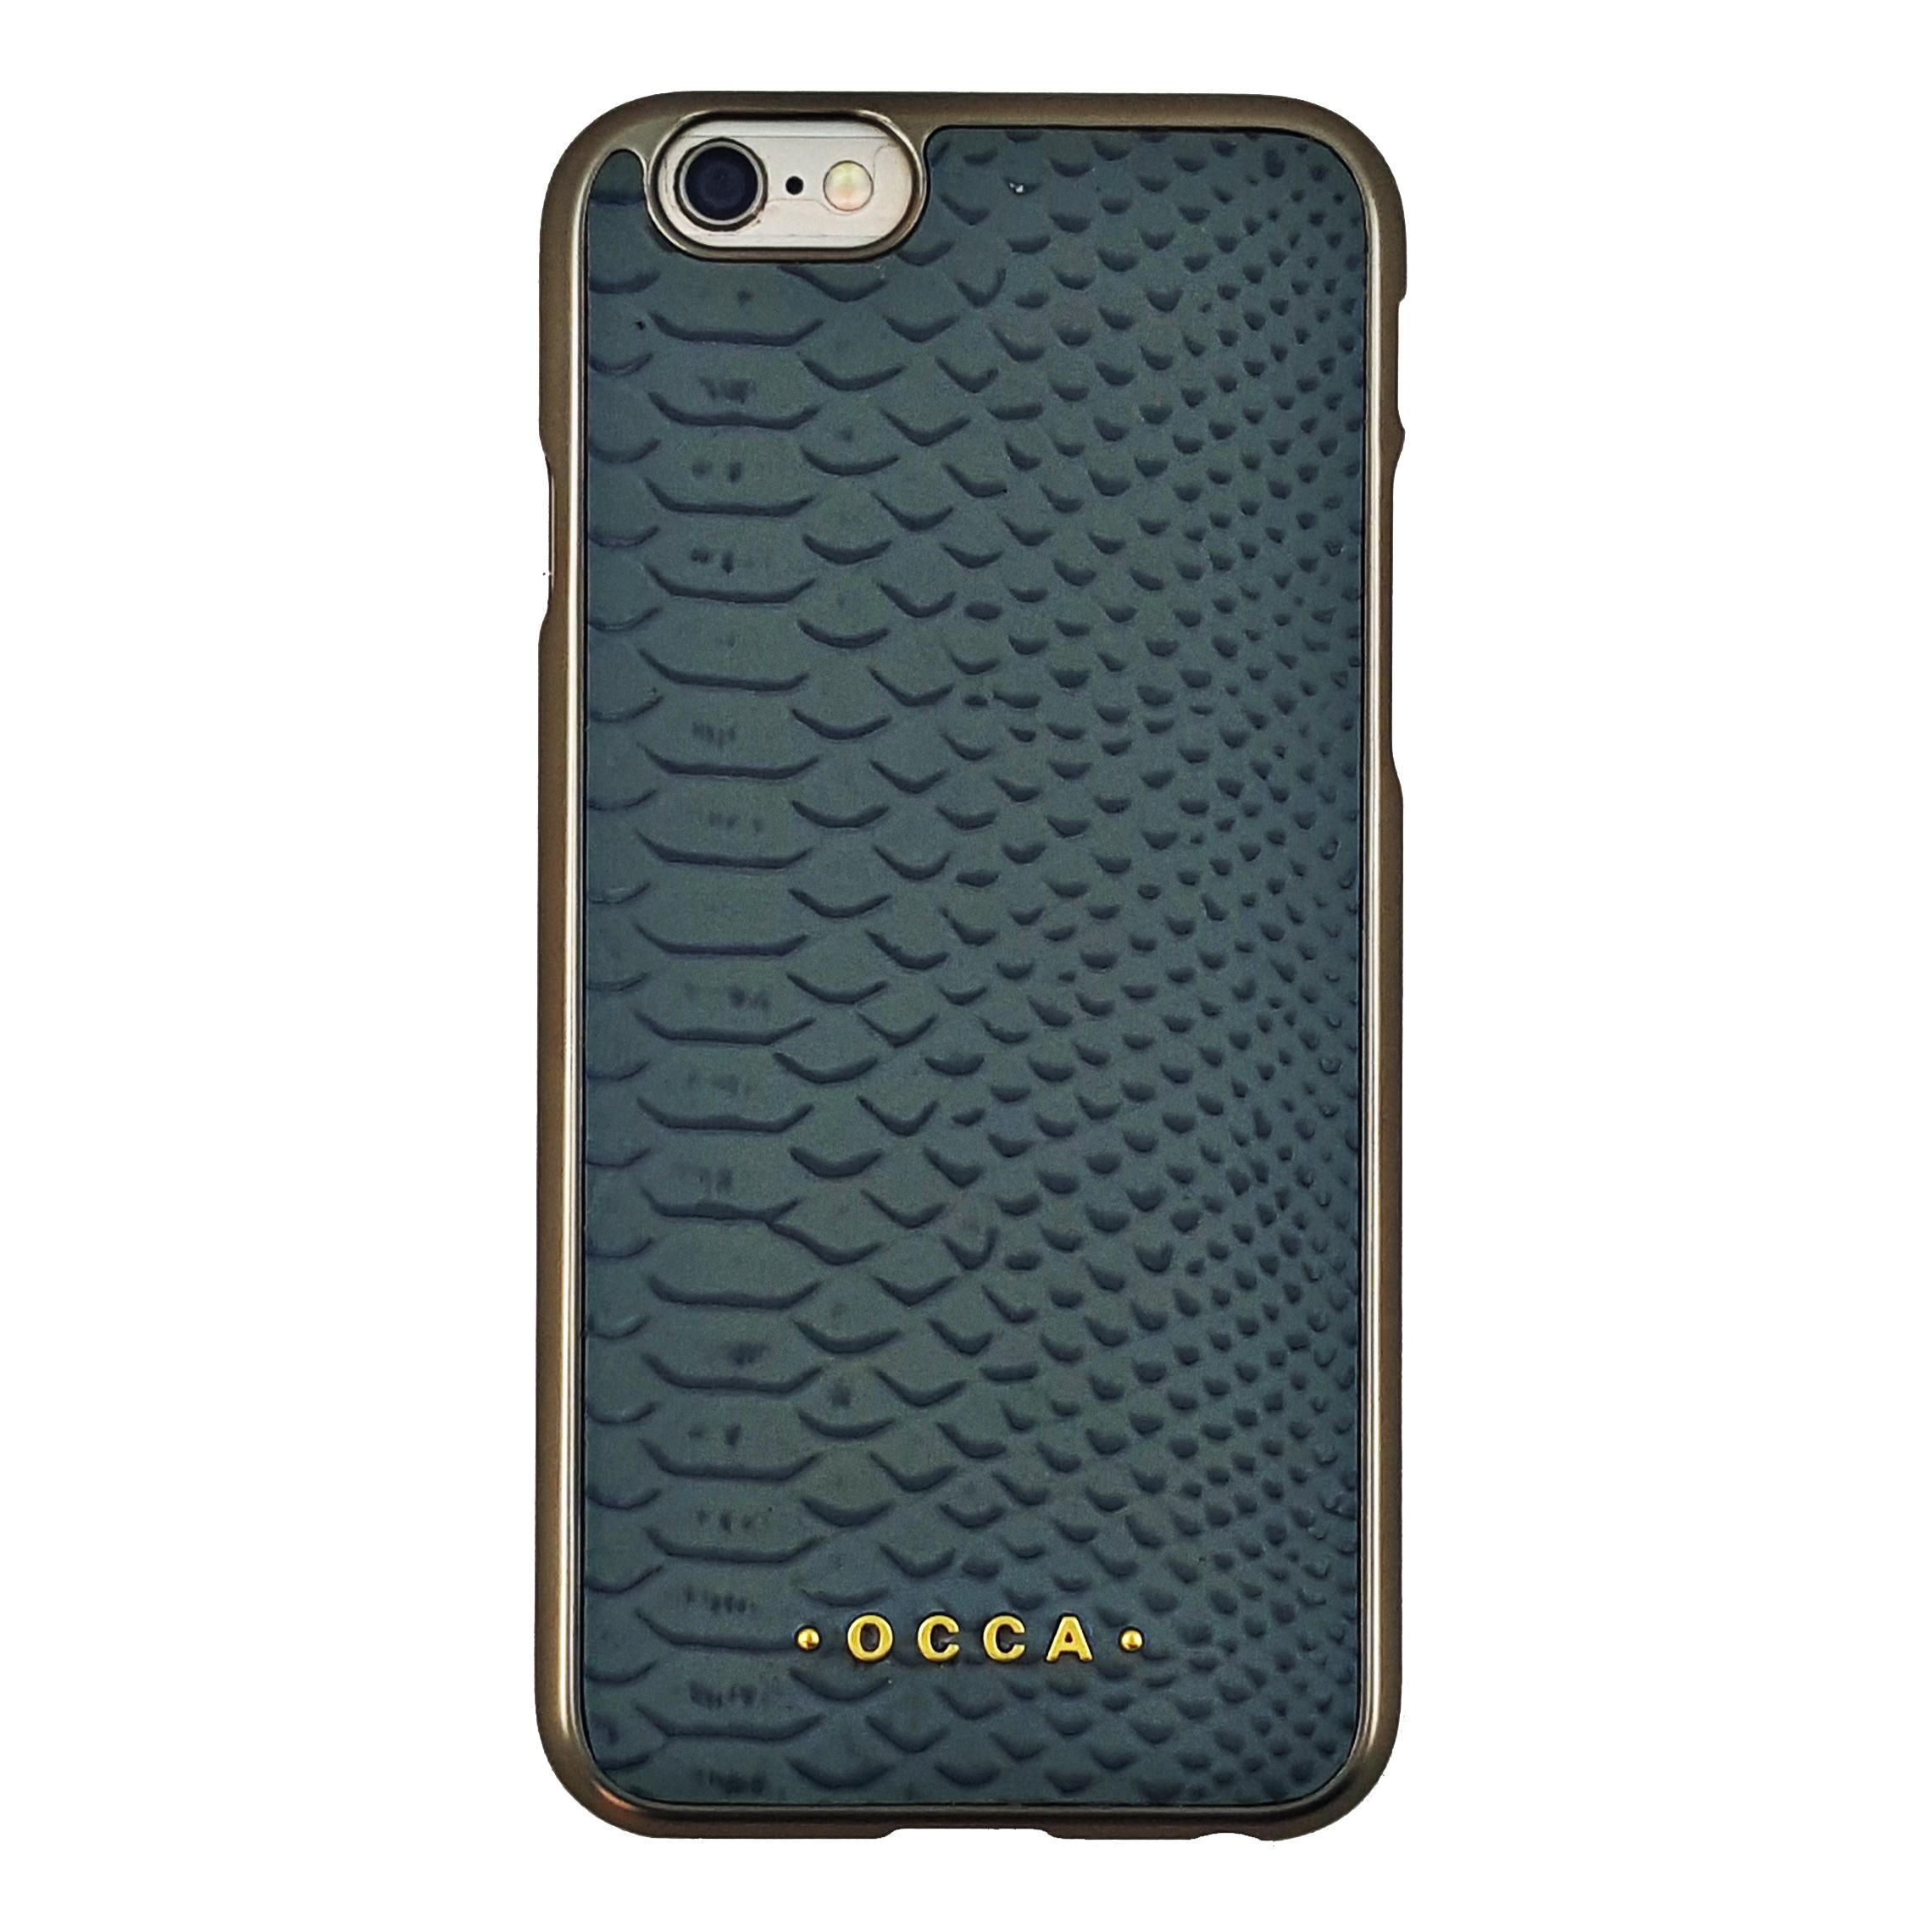 کاور اوکا طرح پوست ماری مدل Ip-380 مناسب برای گوشی موبایل اپل Iphone 6 / 6s